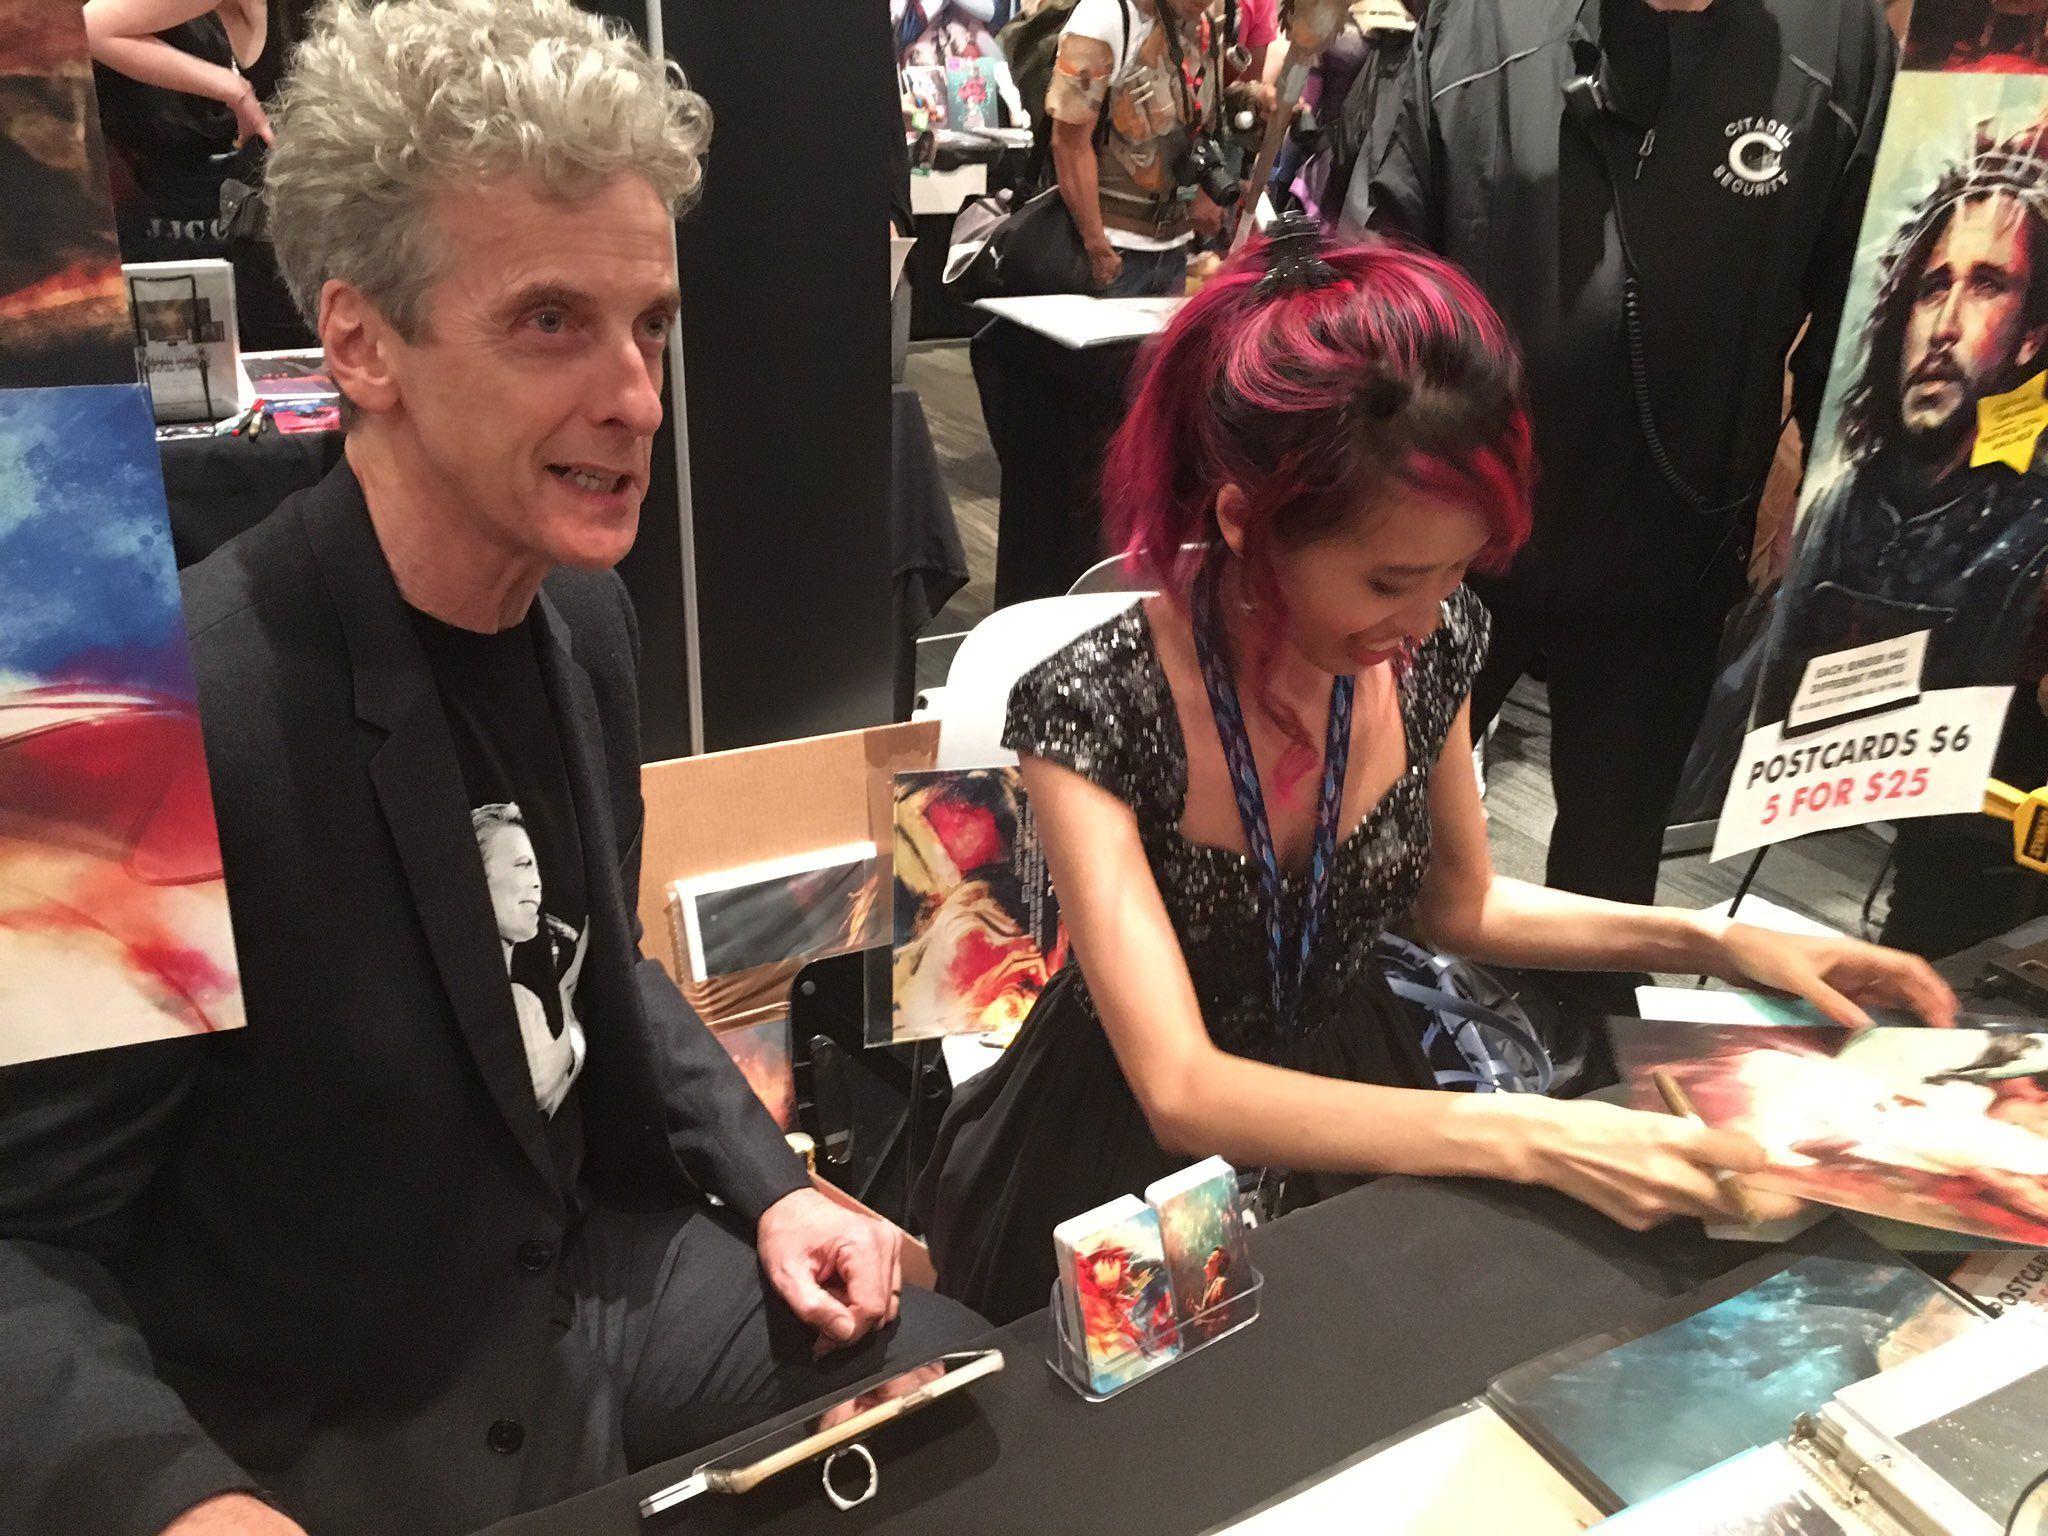 Peter Capaldi visits Alice Zhang at nycc